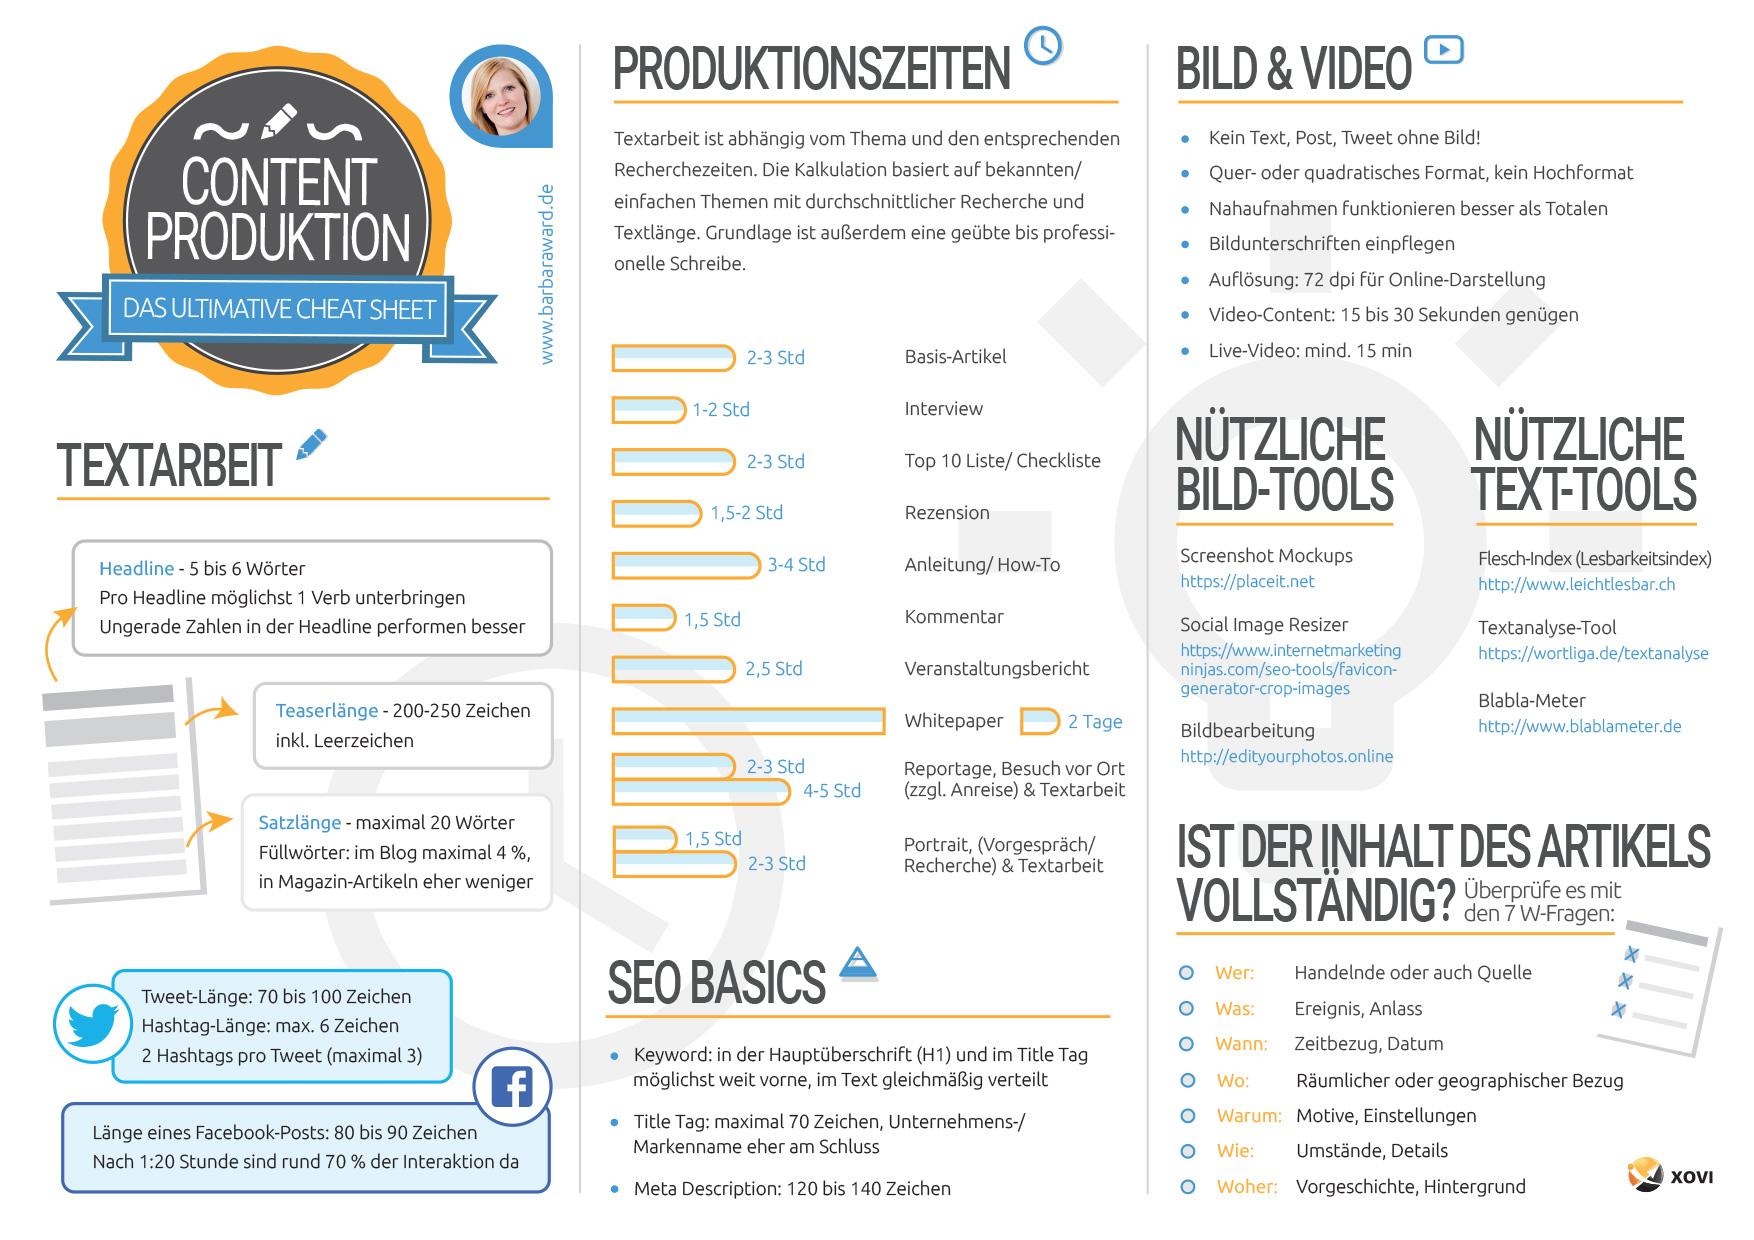 Infografik mit allen Aspekten der Content-Produktion; von der Planung bis zur Verbreitung